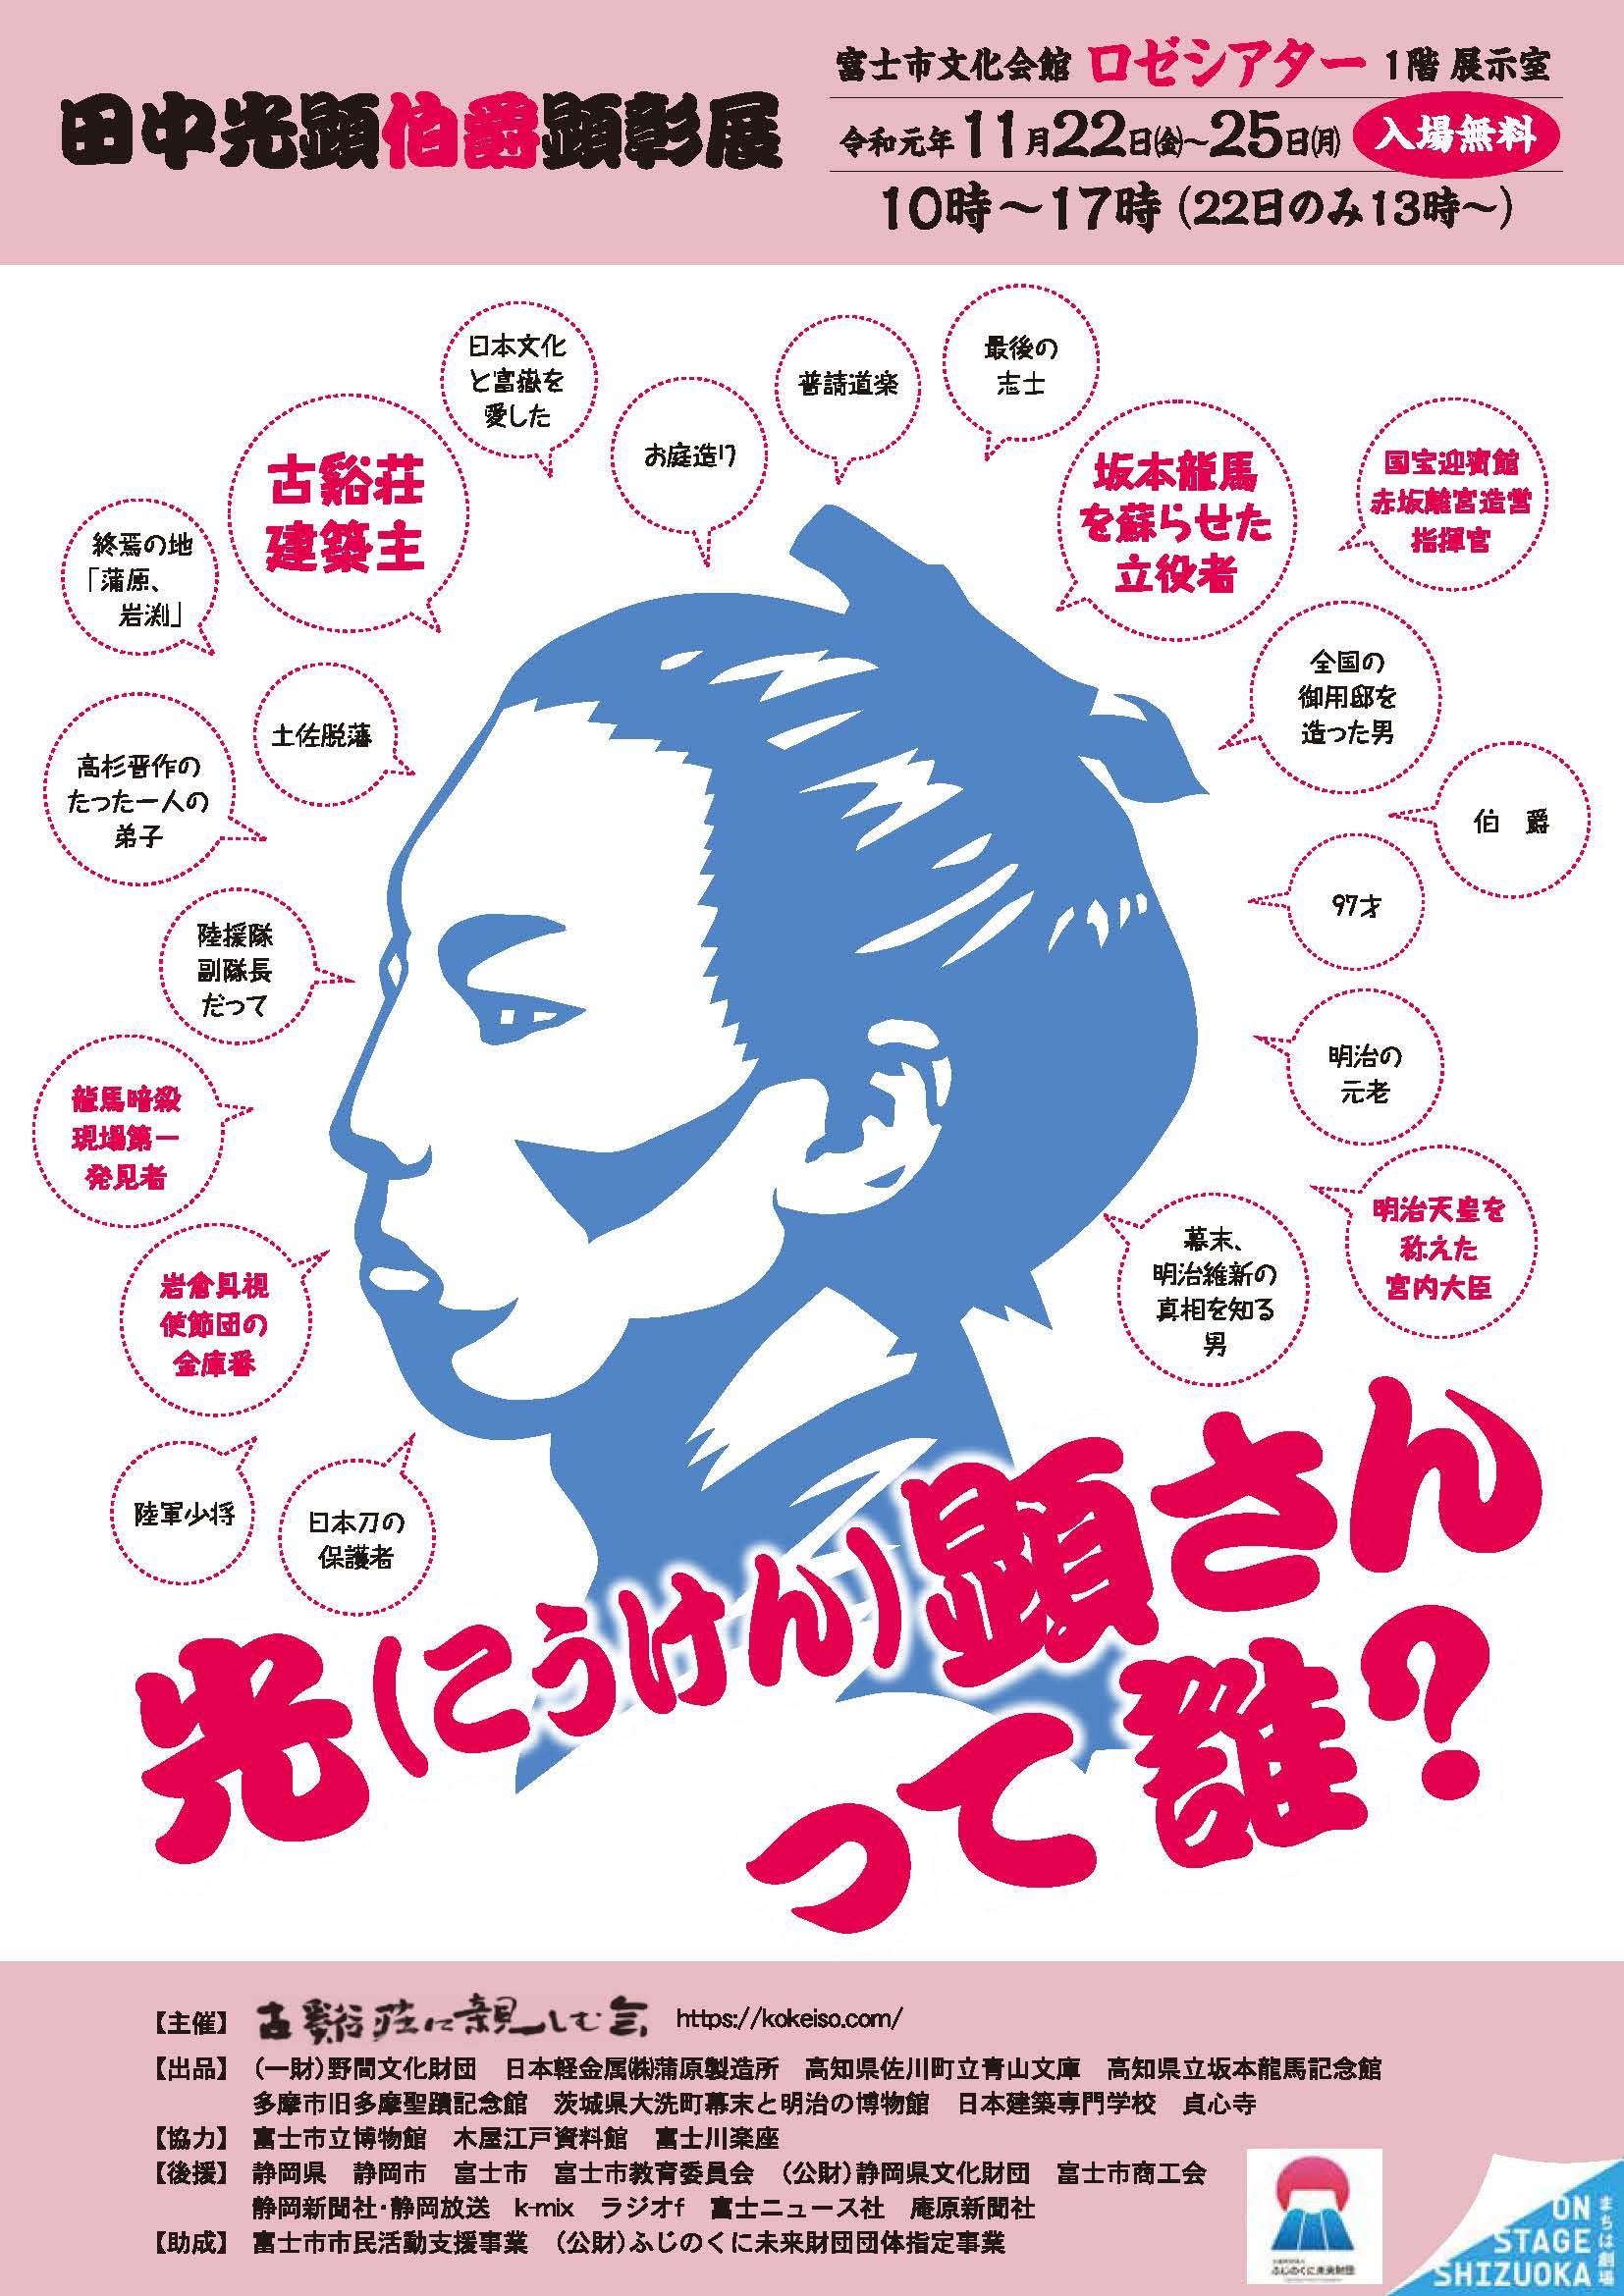 「田中光顕伯爵顕彰展~光顕さんって誰?~」を開催します。